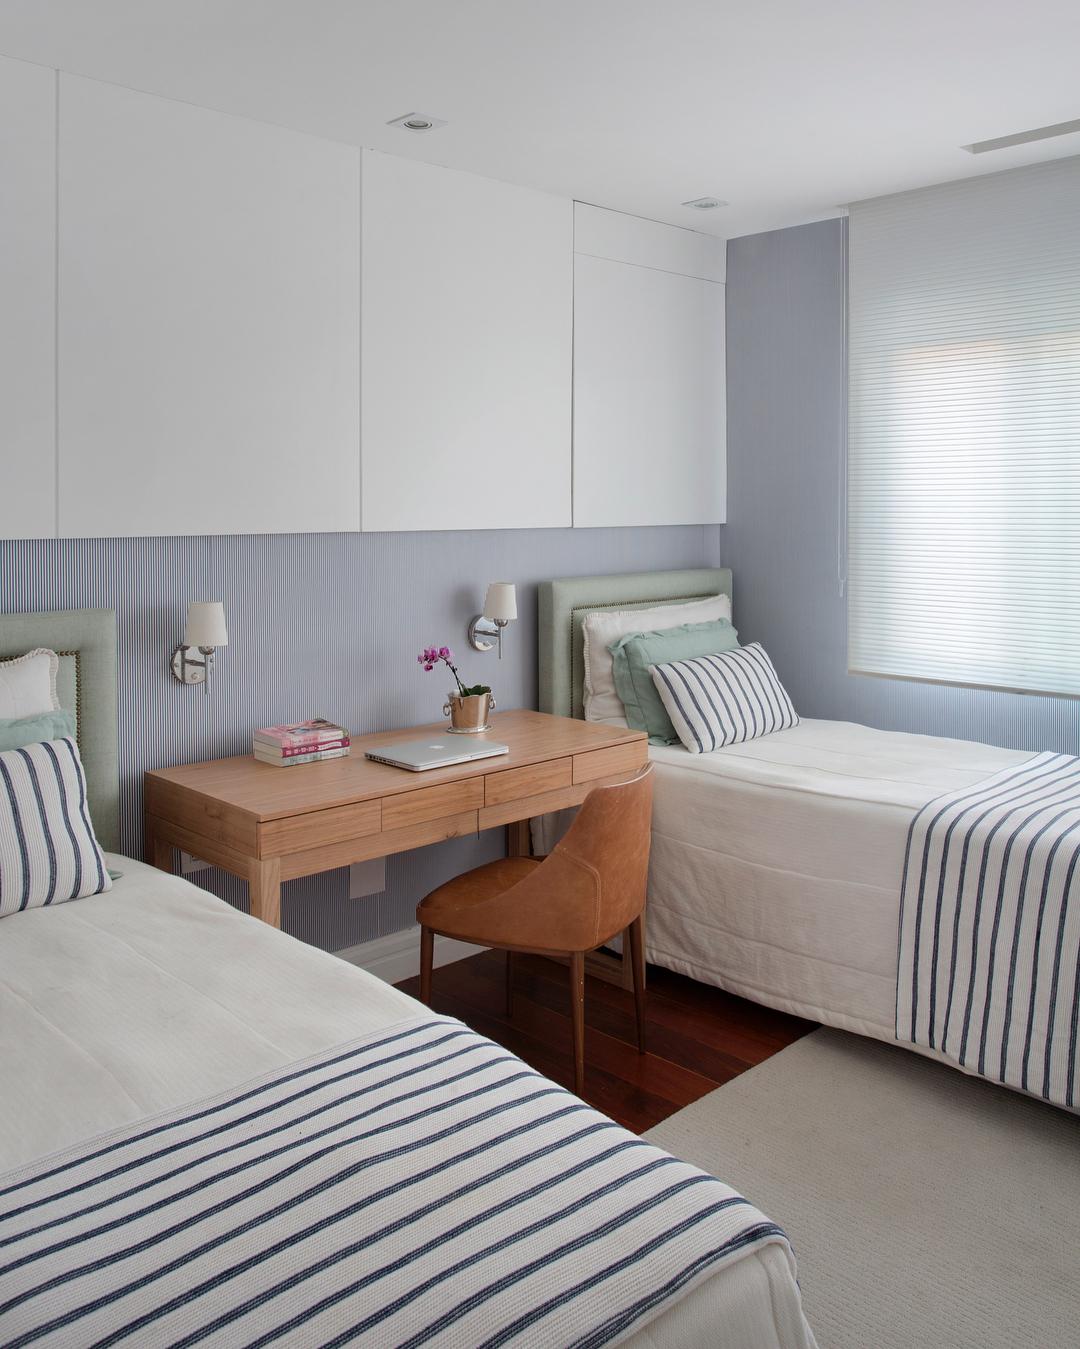 Quarto de solteiro com duas camas e decoração simples.